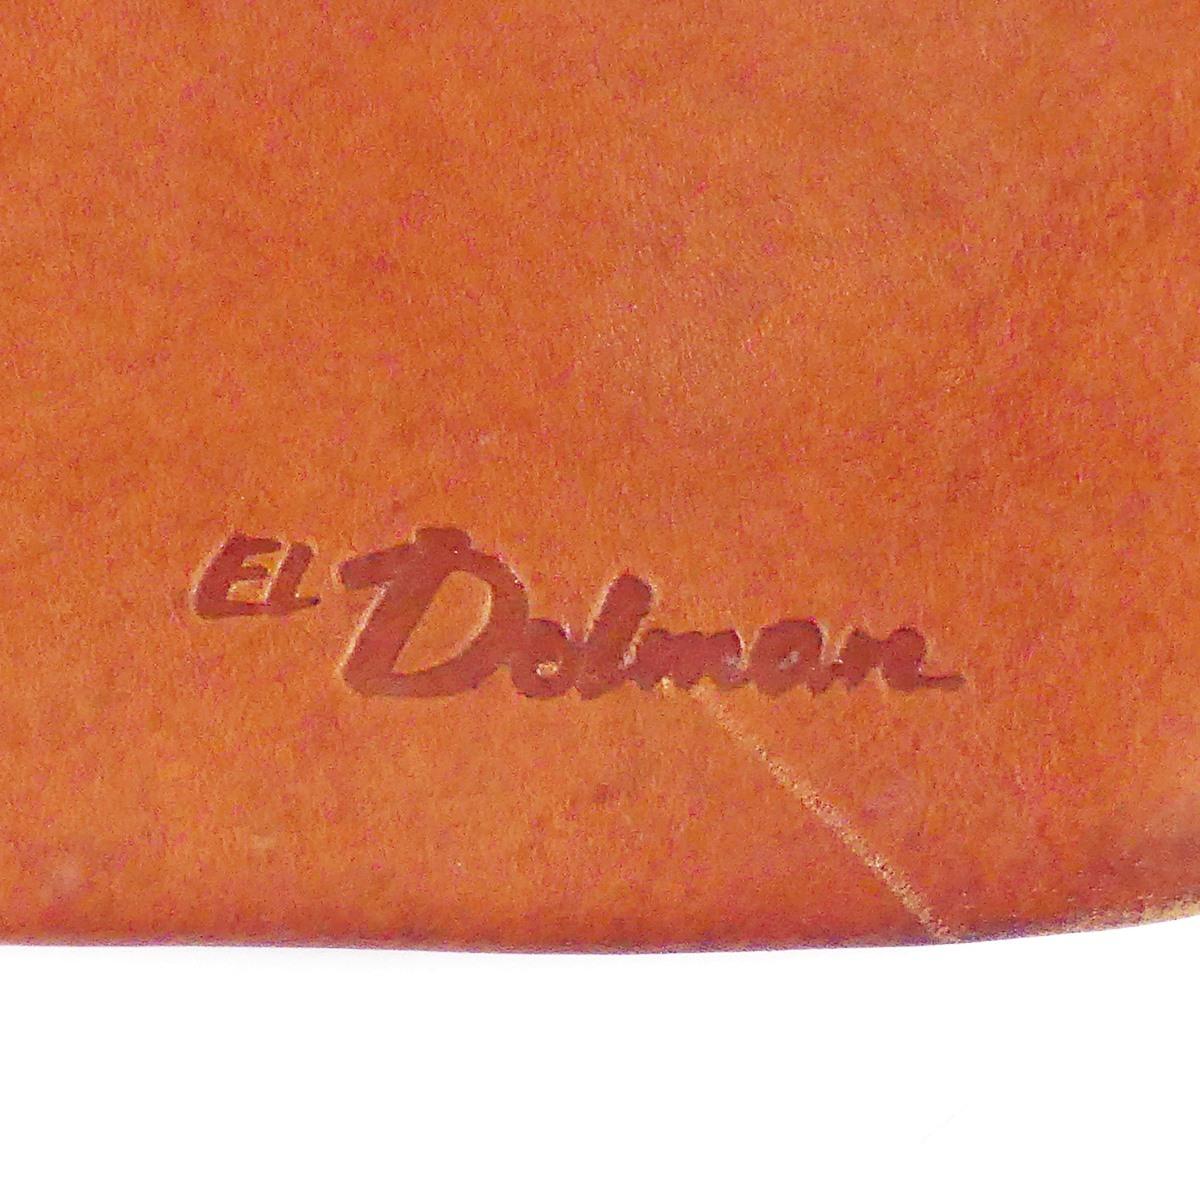 即決★EL Dolman★レザーハンドバッグ ドルマン メンズ 茶 本革 トートバッグ 本皮 かばん 鞄 レディース 手提げバッグ_画像10